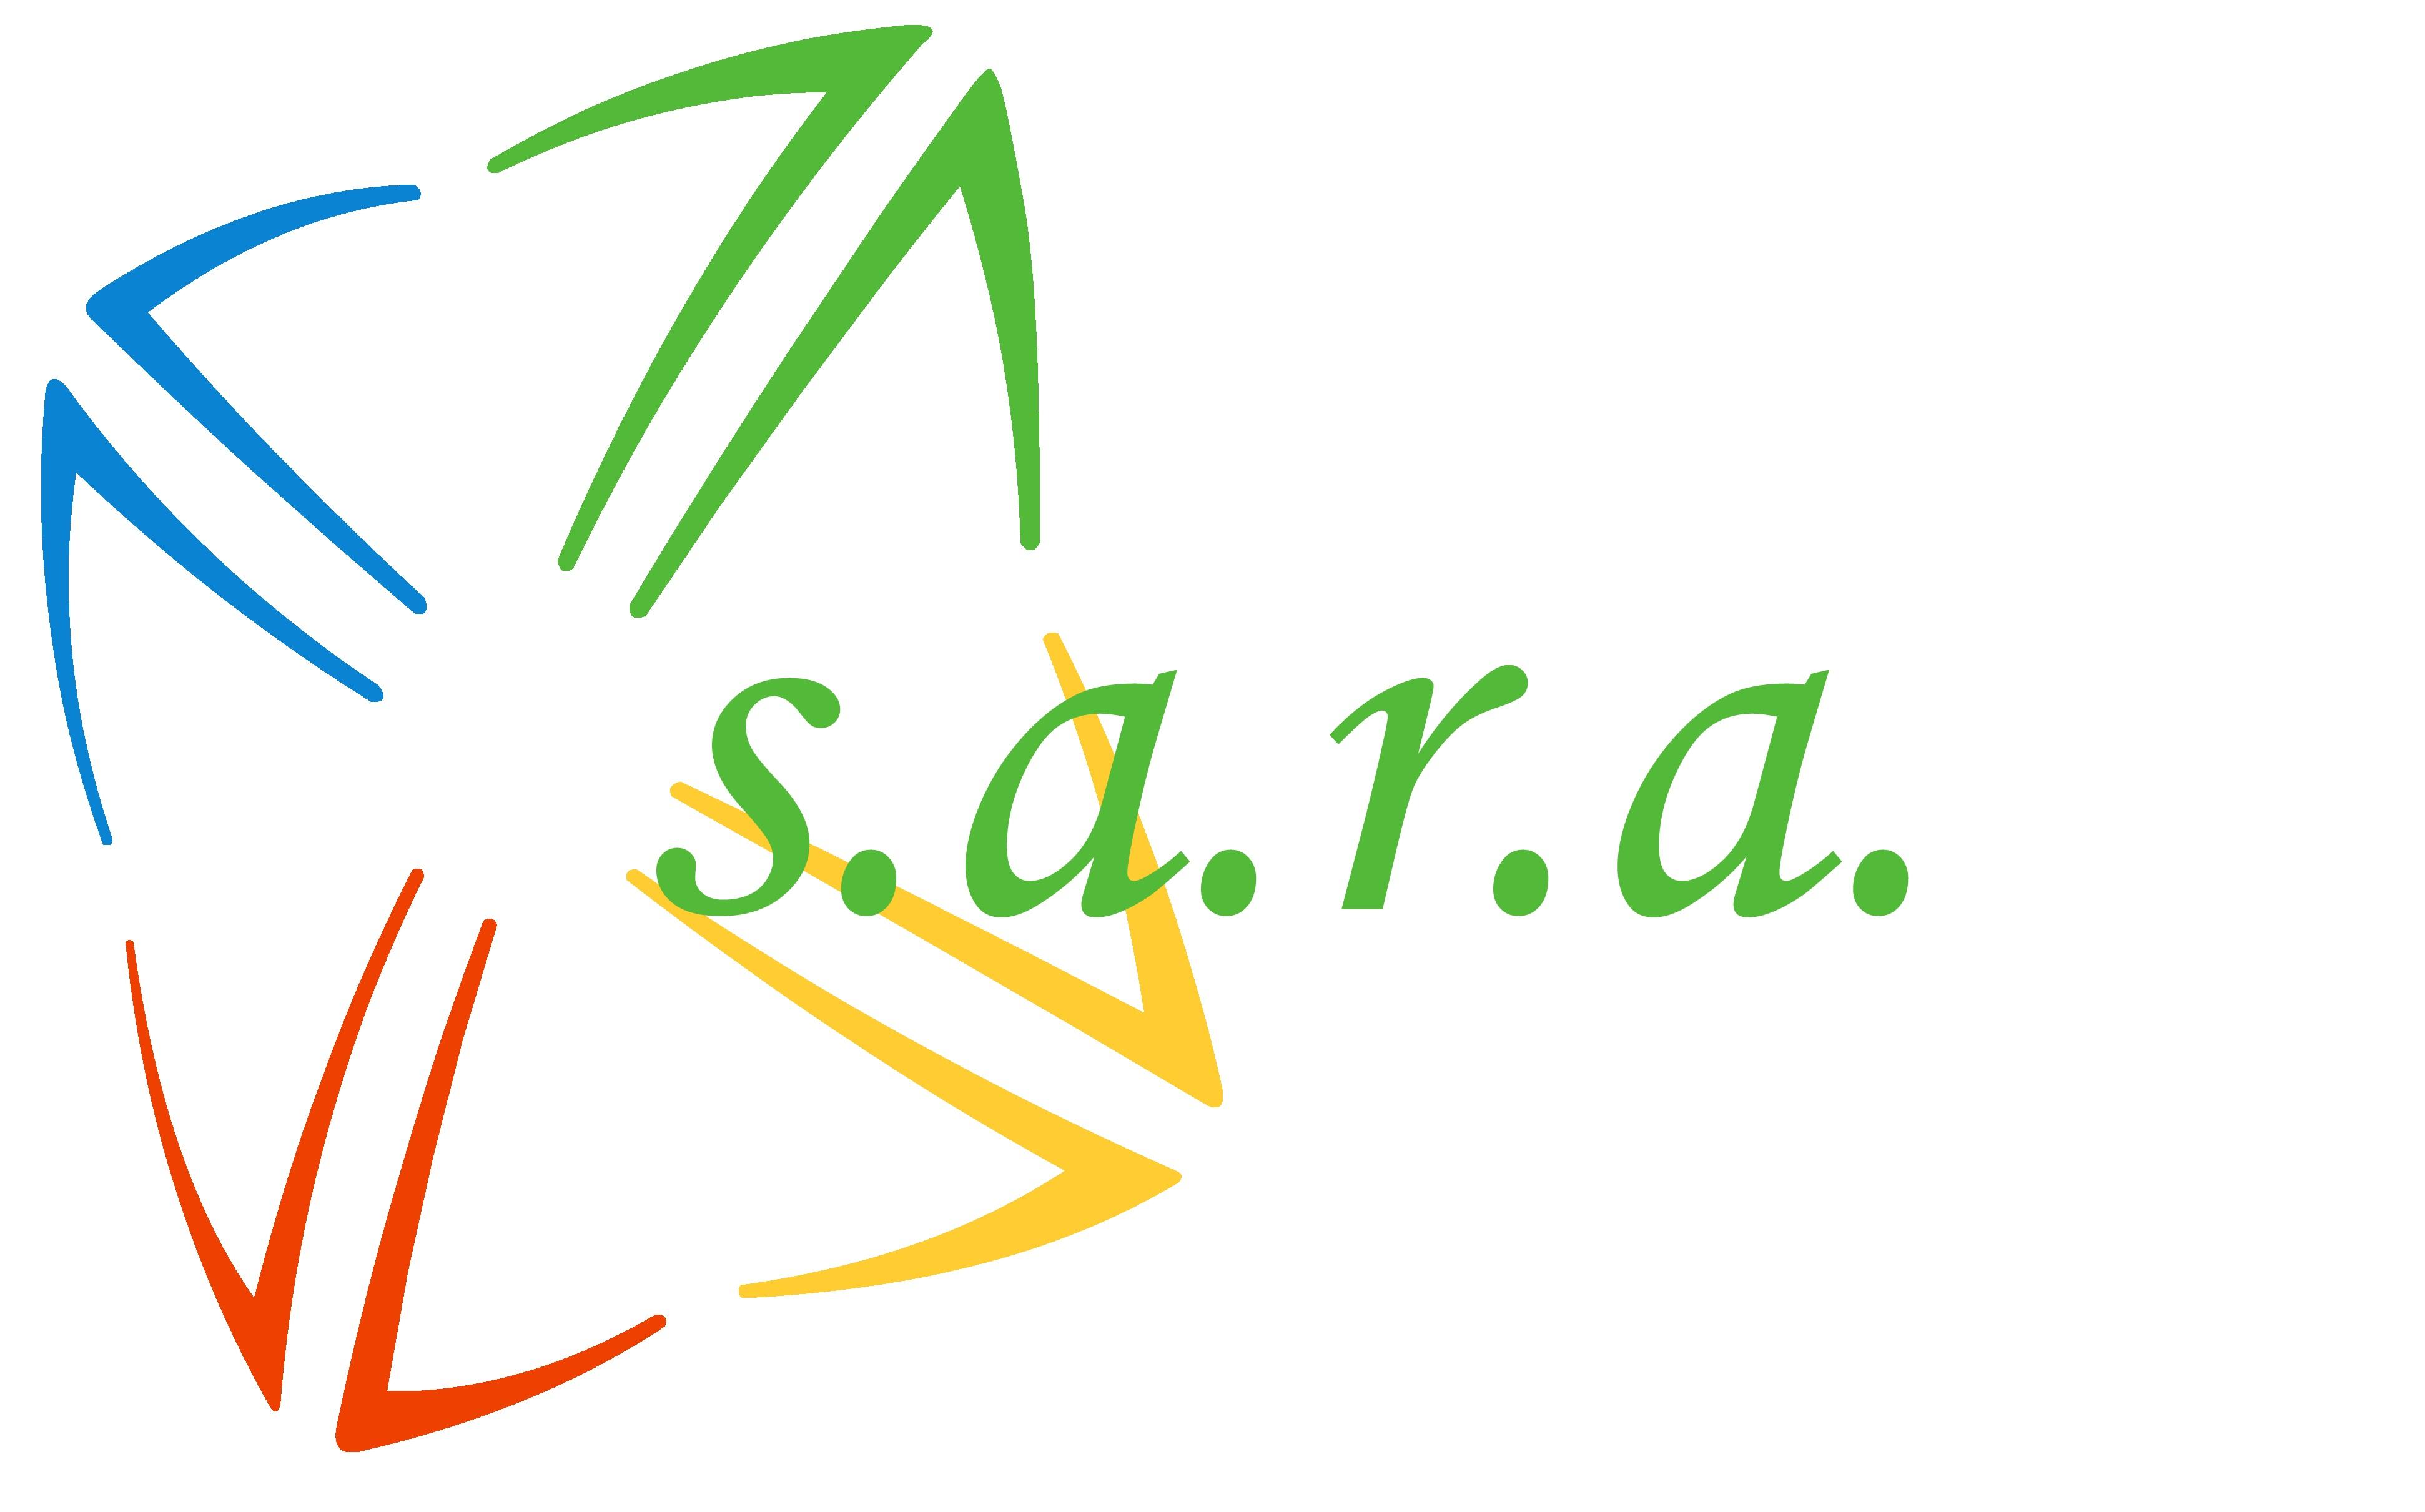 logotipoe